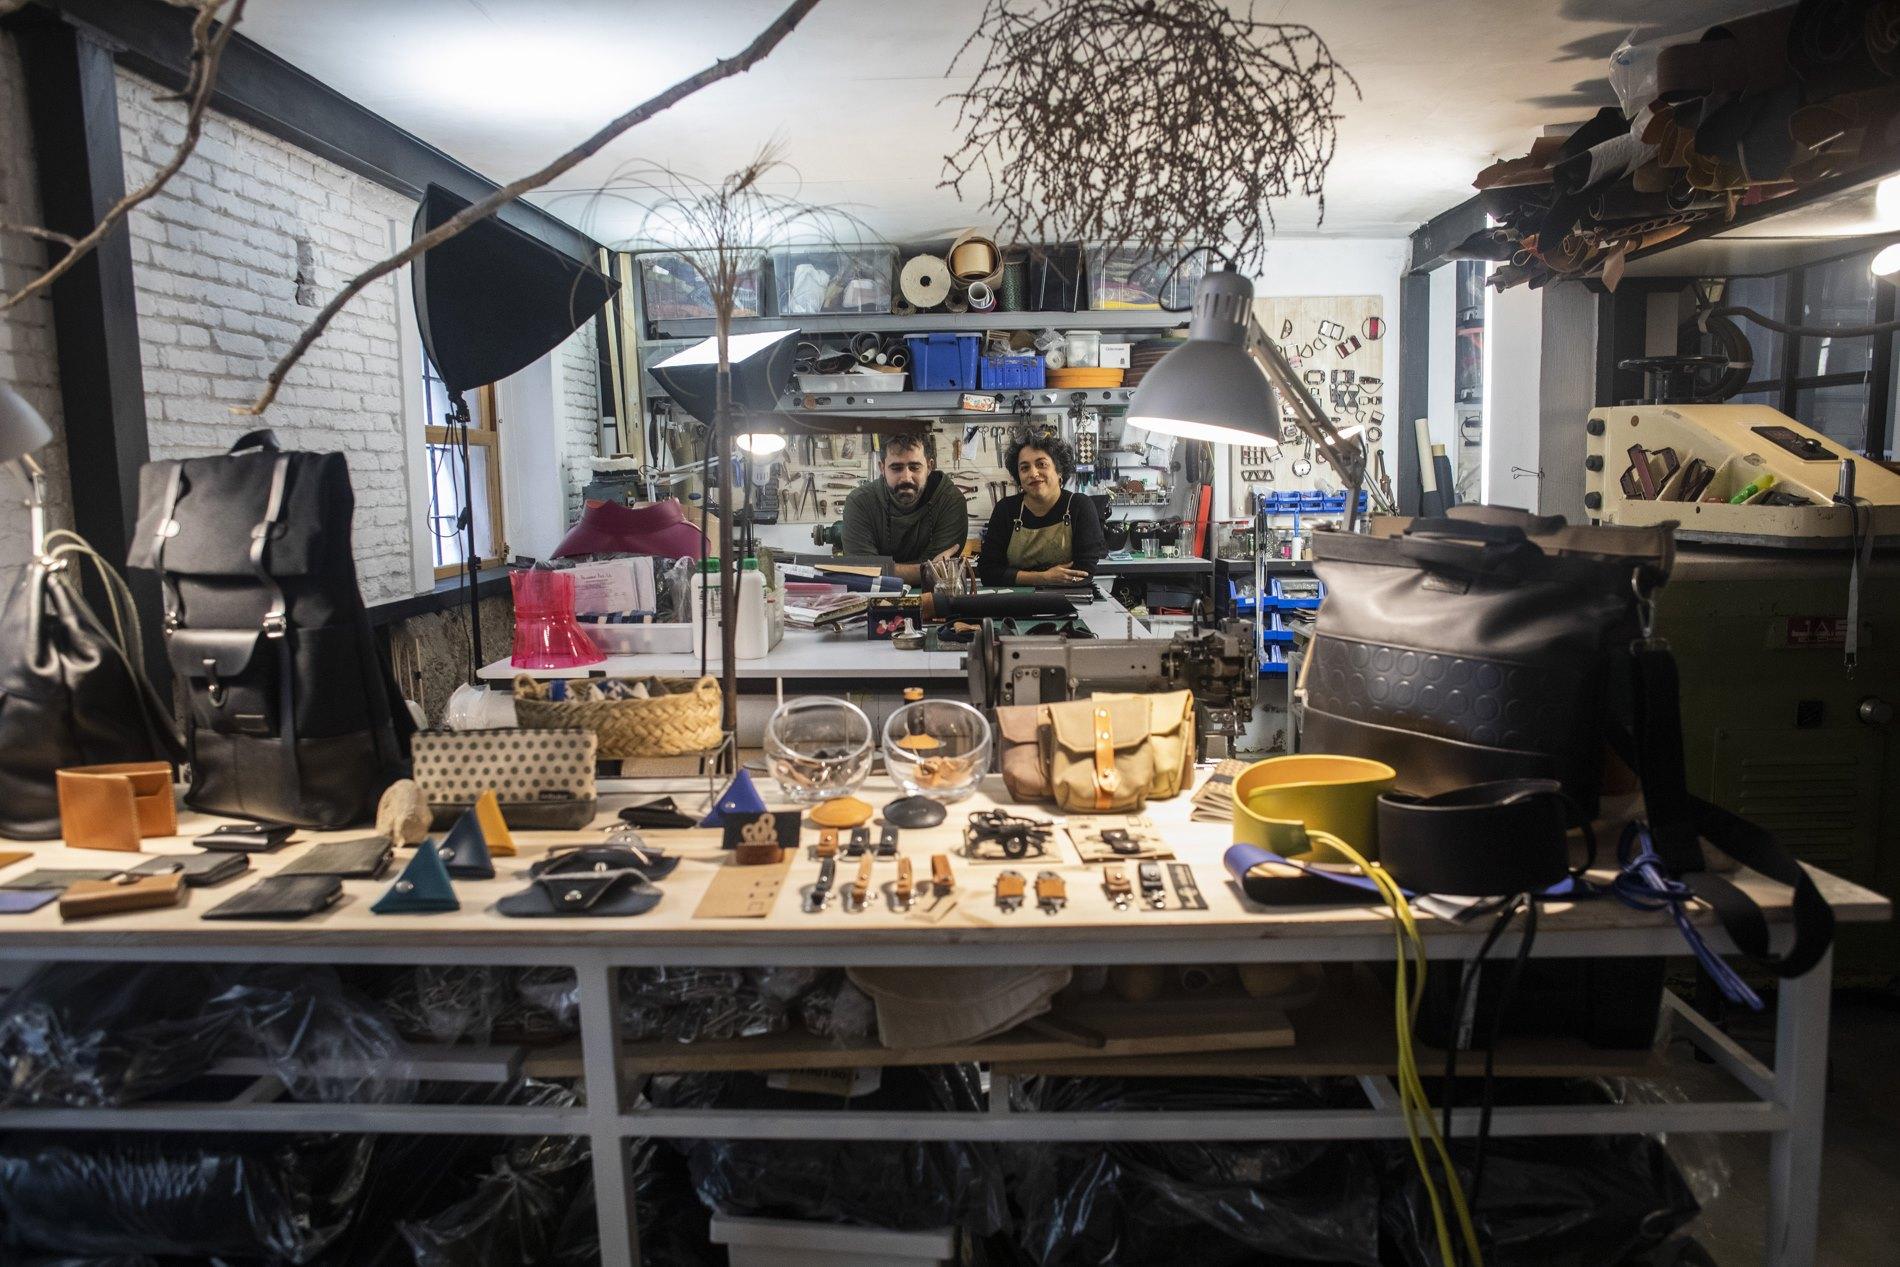 Alejandra y Ruggero, de 'Oobuka', han conseguido aunar taller, tienda y hogar en el mismo edificio del casco viejo valenciano.